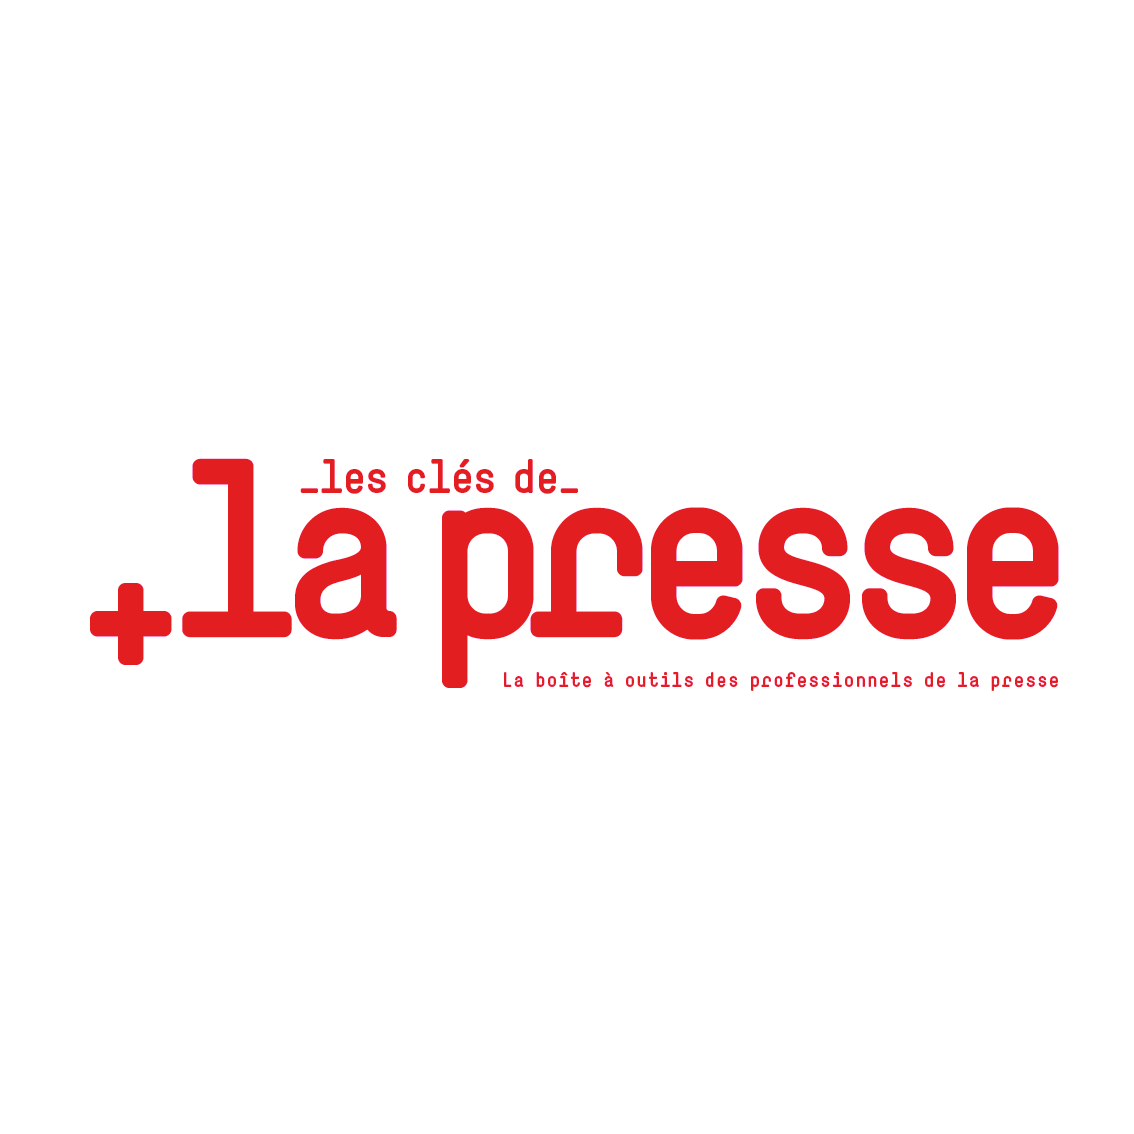 Les Clés de la presse